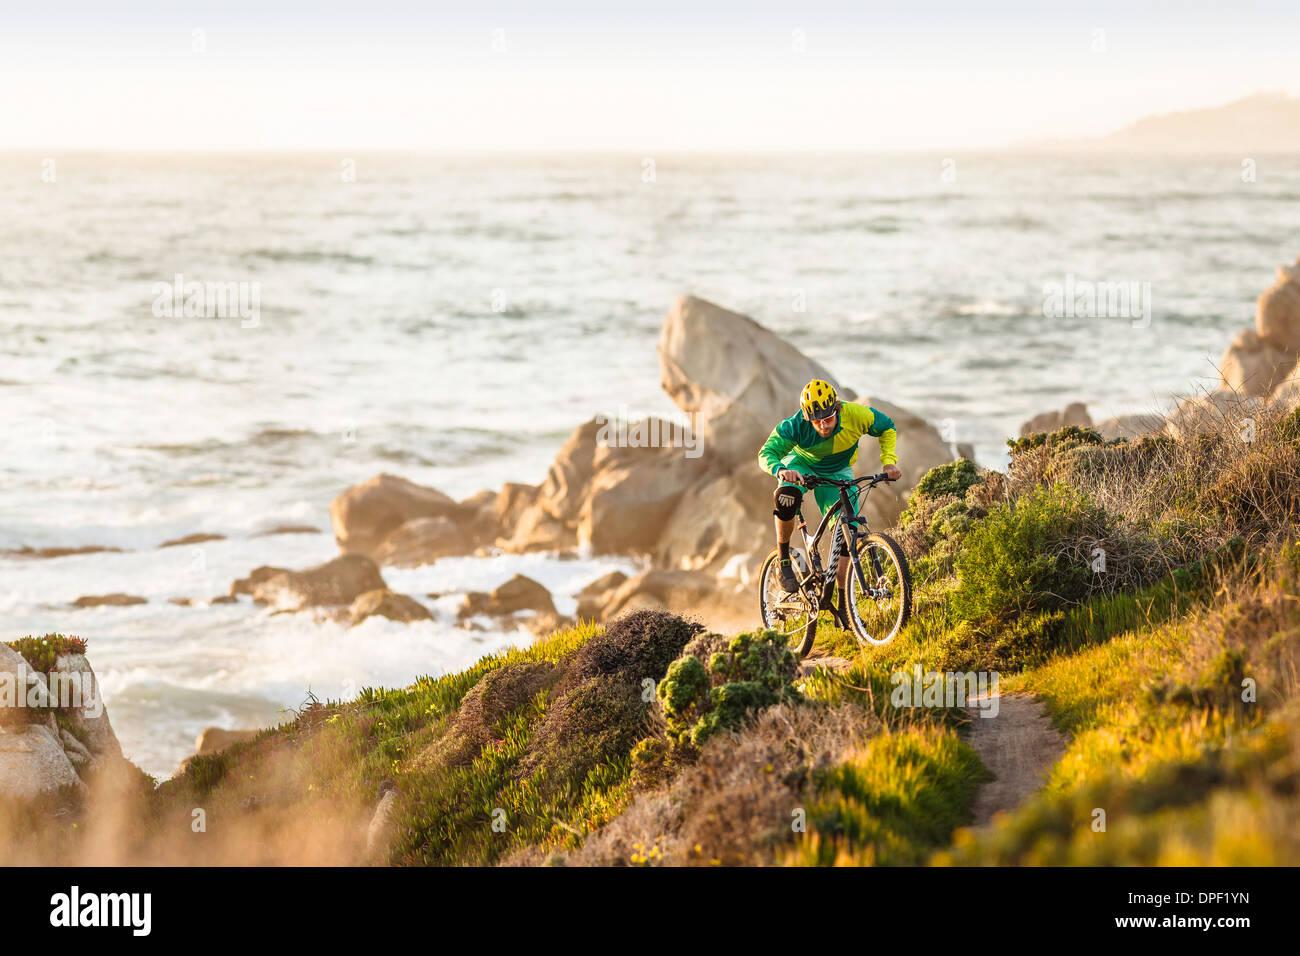 Ciclista de montaña sube la ruta costera, el área de la bahía de Monterey, California, EE.UU. Imagen De Stock